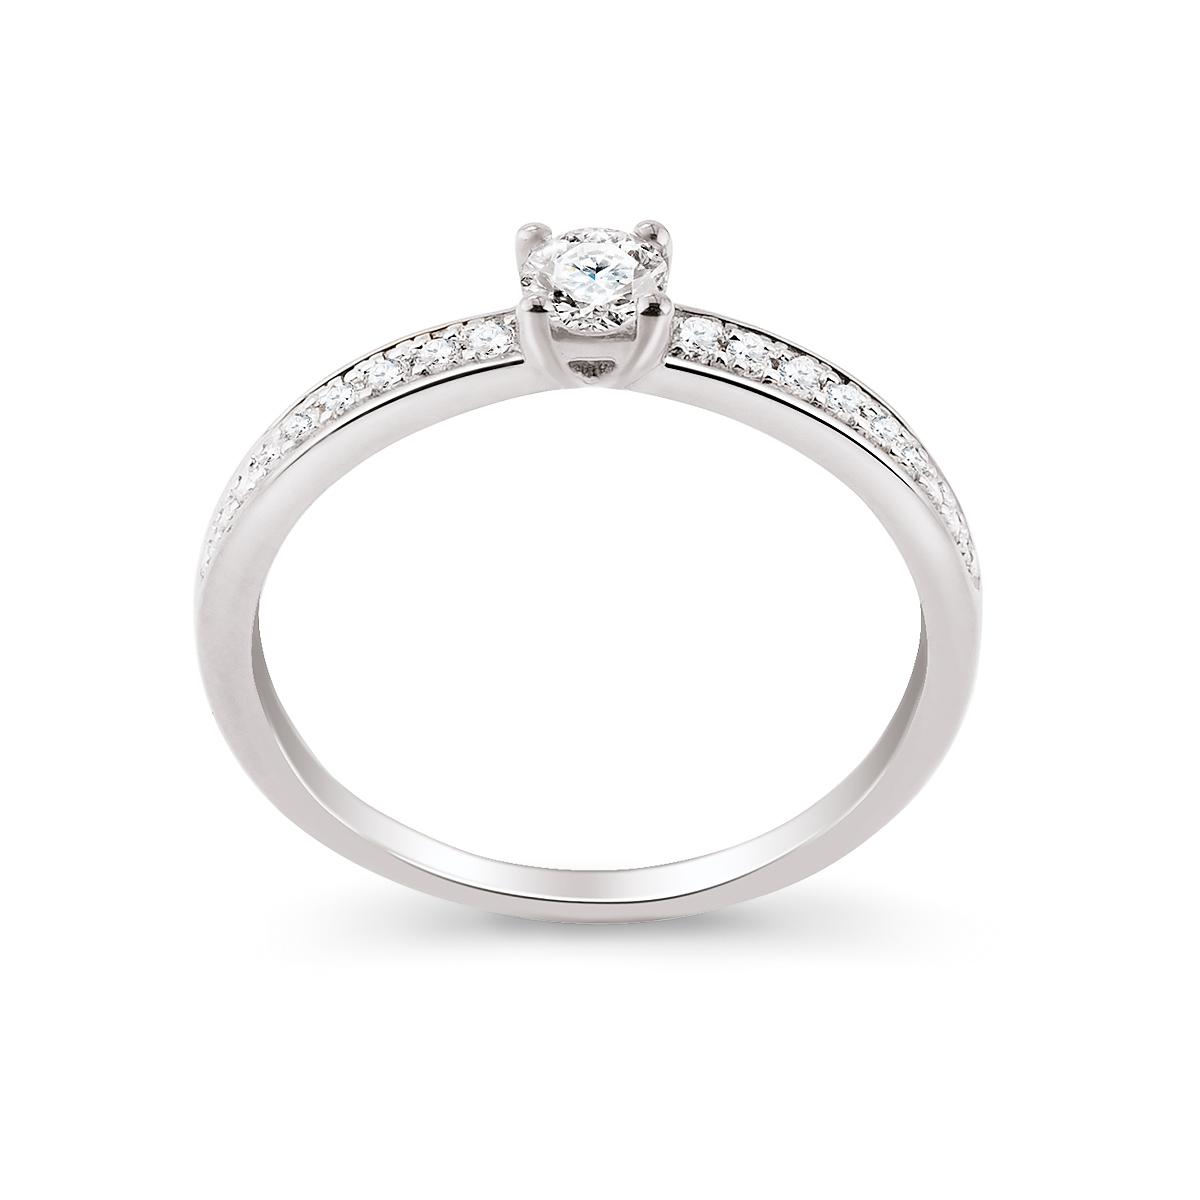 Wybieramy Najpiękniejszy Pierścionek Zaręczynowy Blog ślubny Slubipl